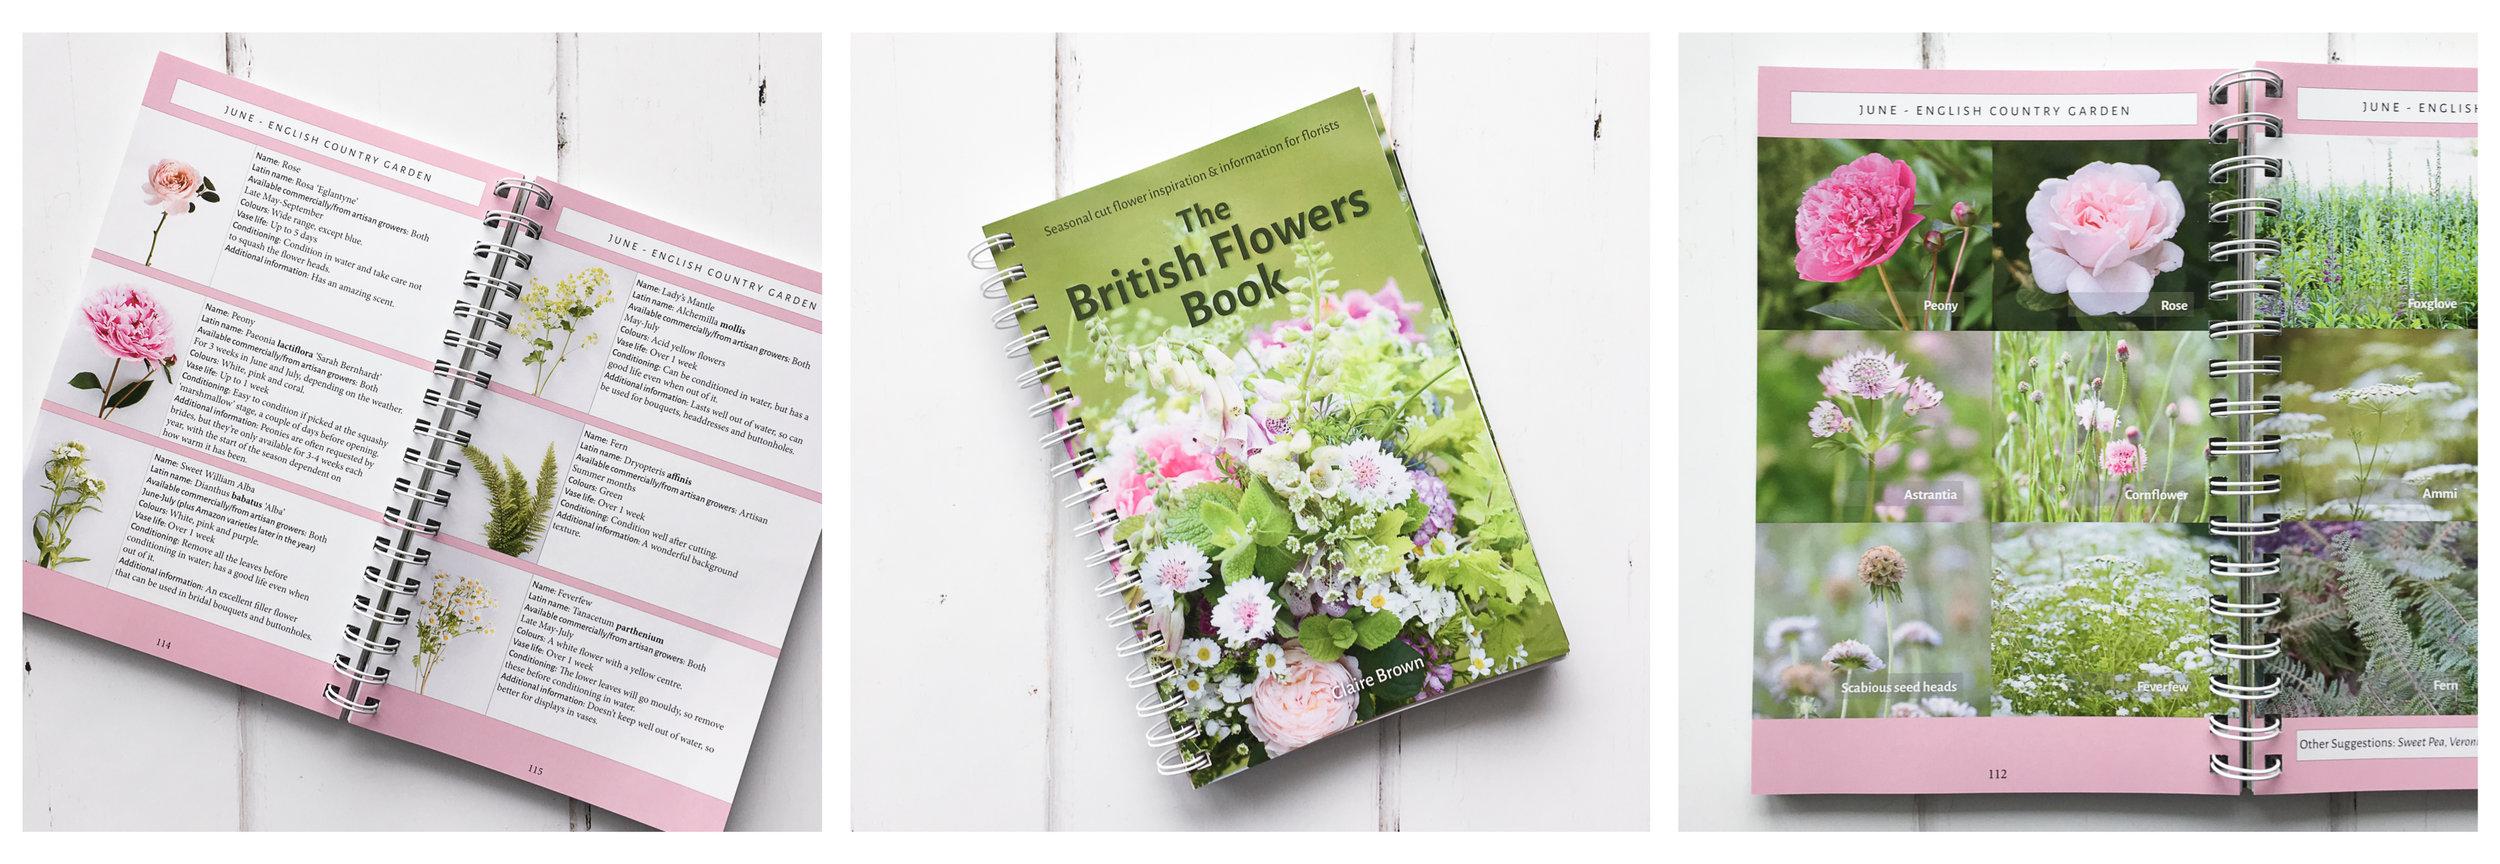 british flowers book.jpg